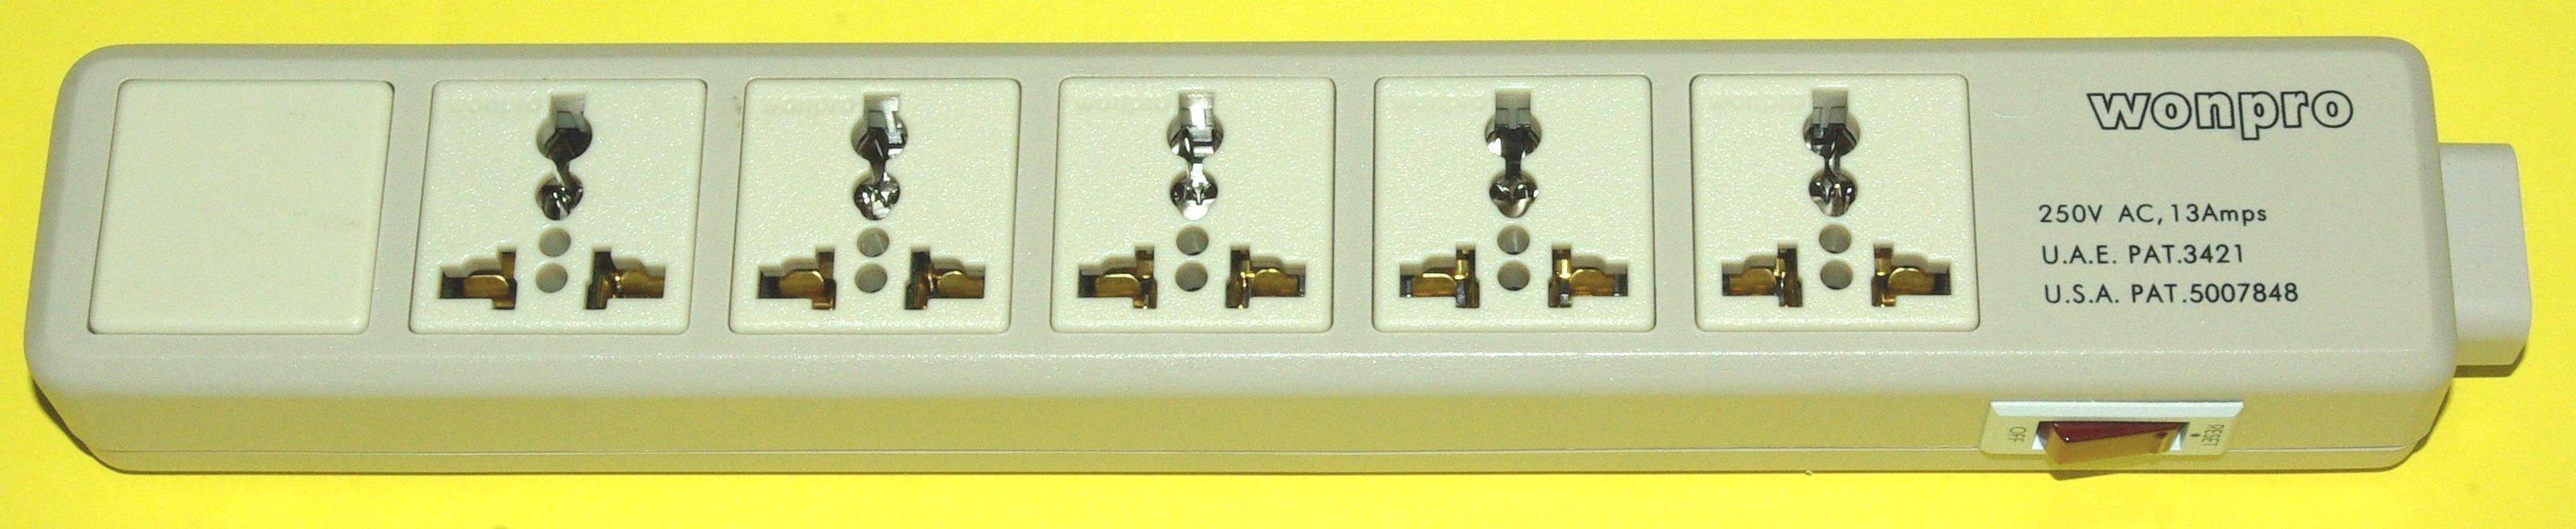 海外用電源ユニバーサルコンセント5個口タップ画像